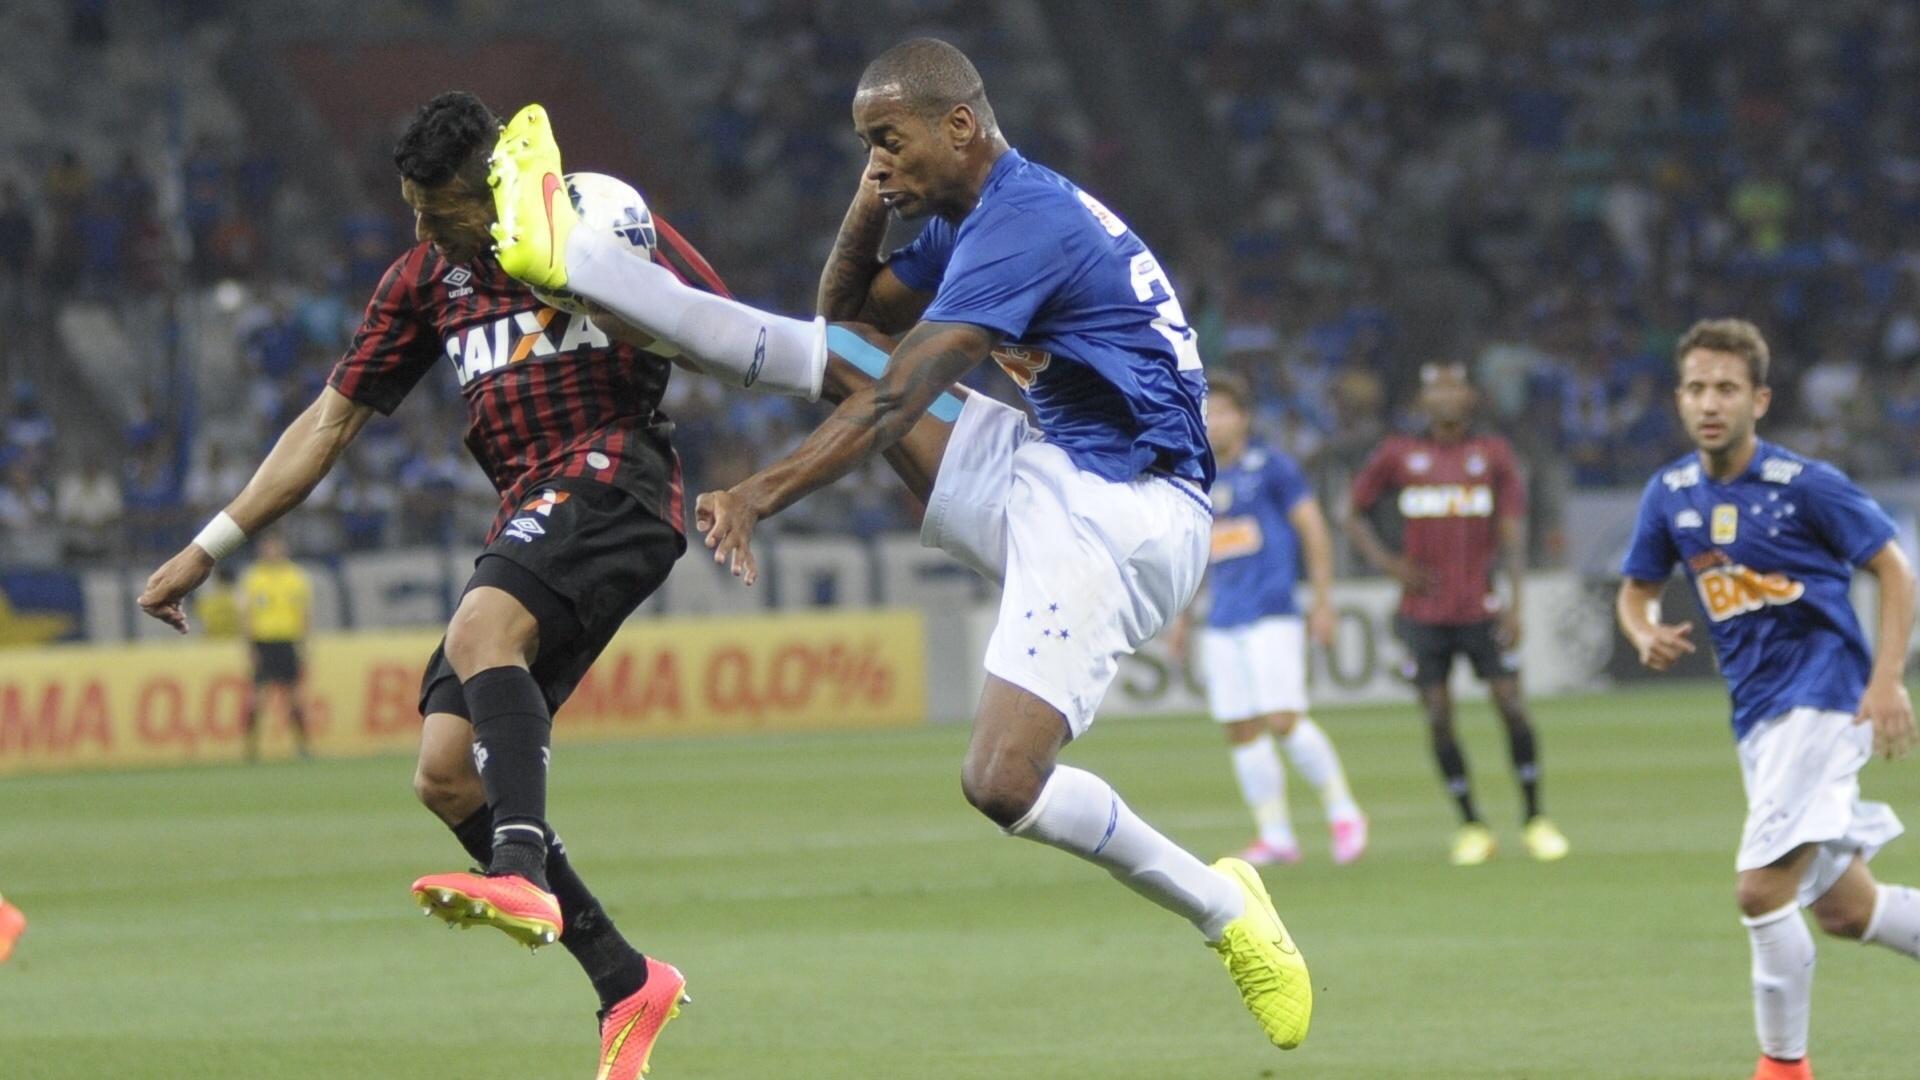 Dedé disputa bola com atacante do Atlético-PR em jogo do Cruzeiro